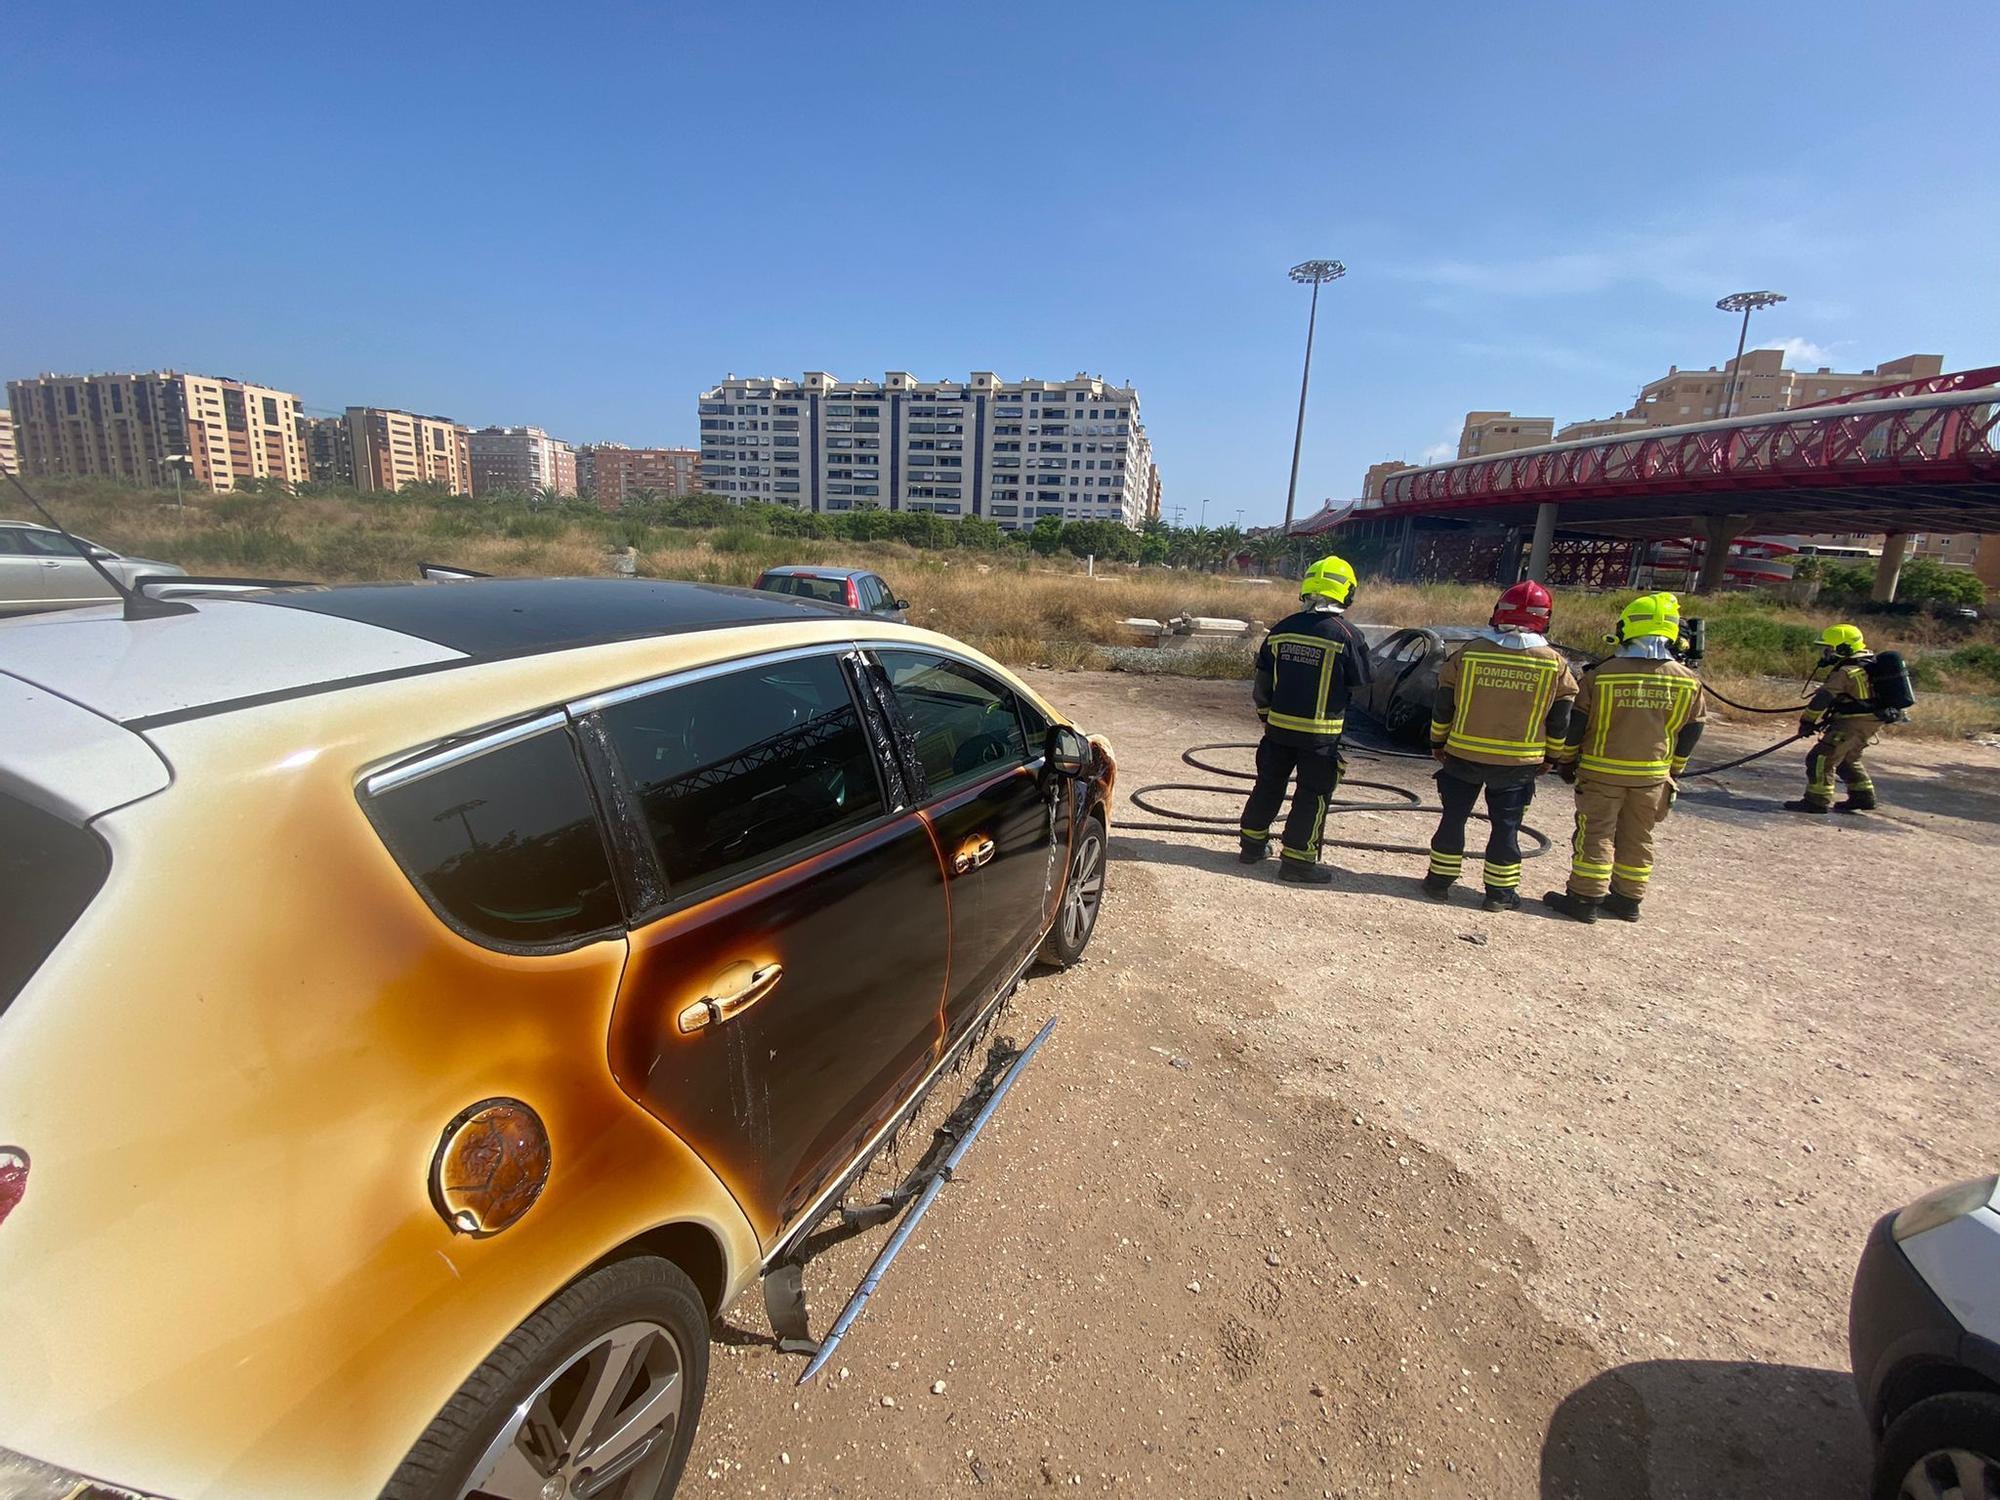 El fuego calcina un coche estacionado y daña a otro junto al puente rojo en Alicante